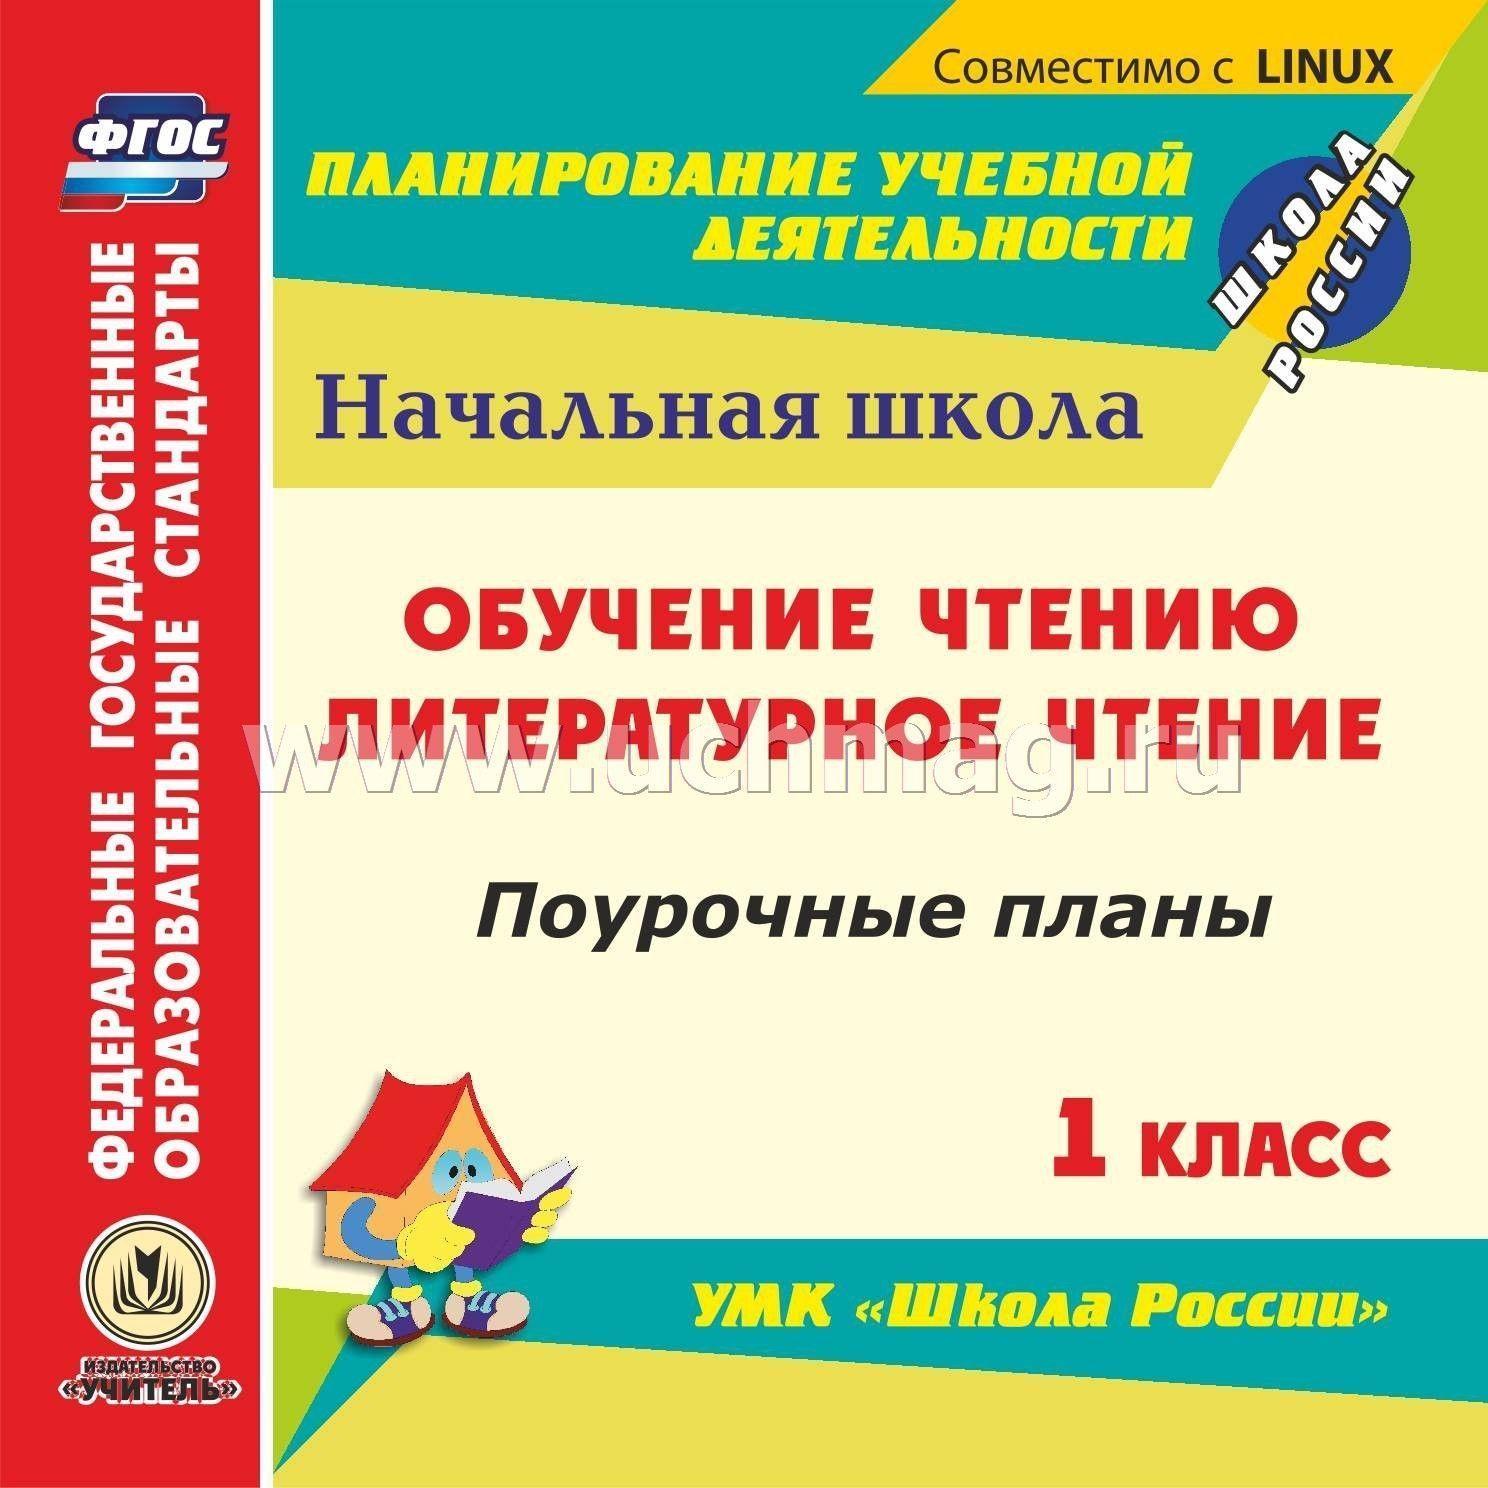 Рабочая программа по литературному чтению 2 класс фгос школа россии канакина типы уроков